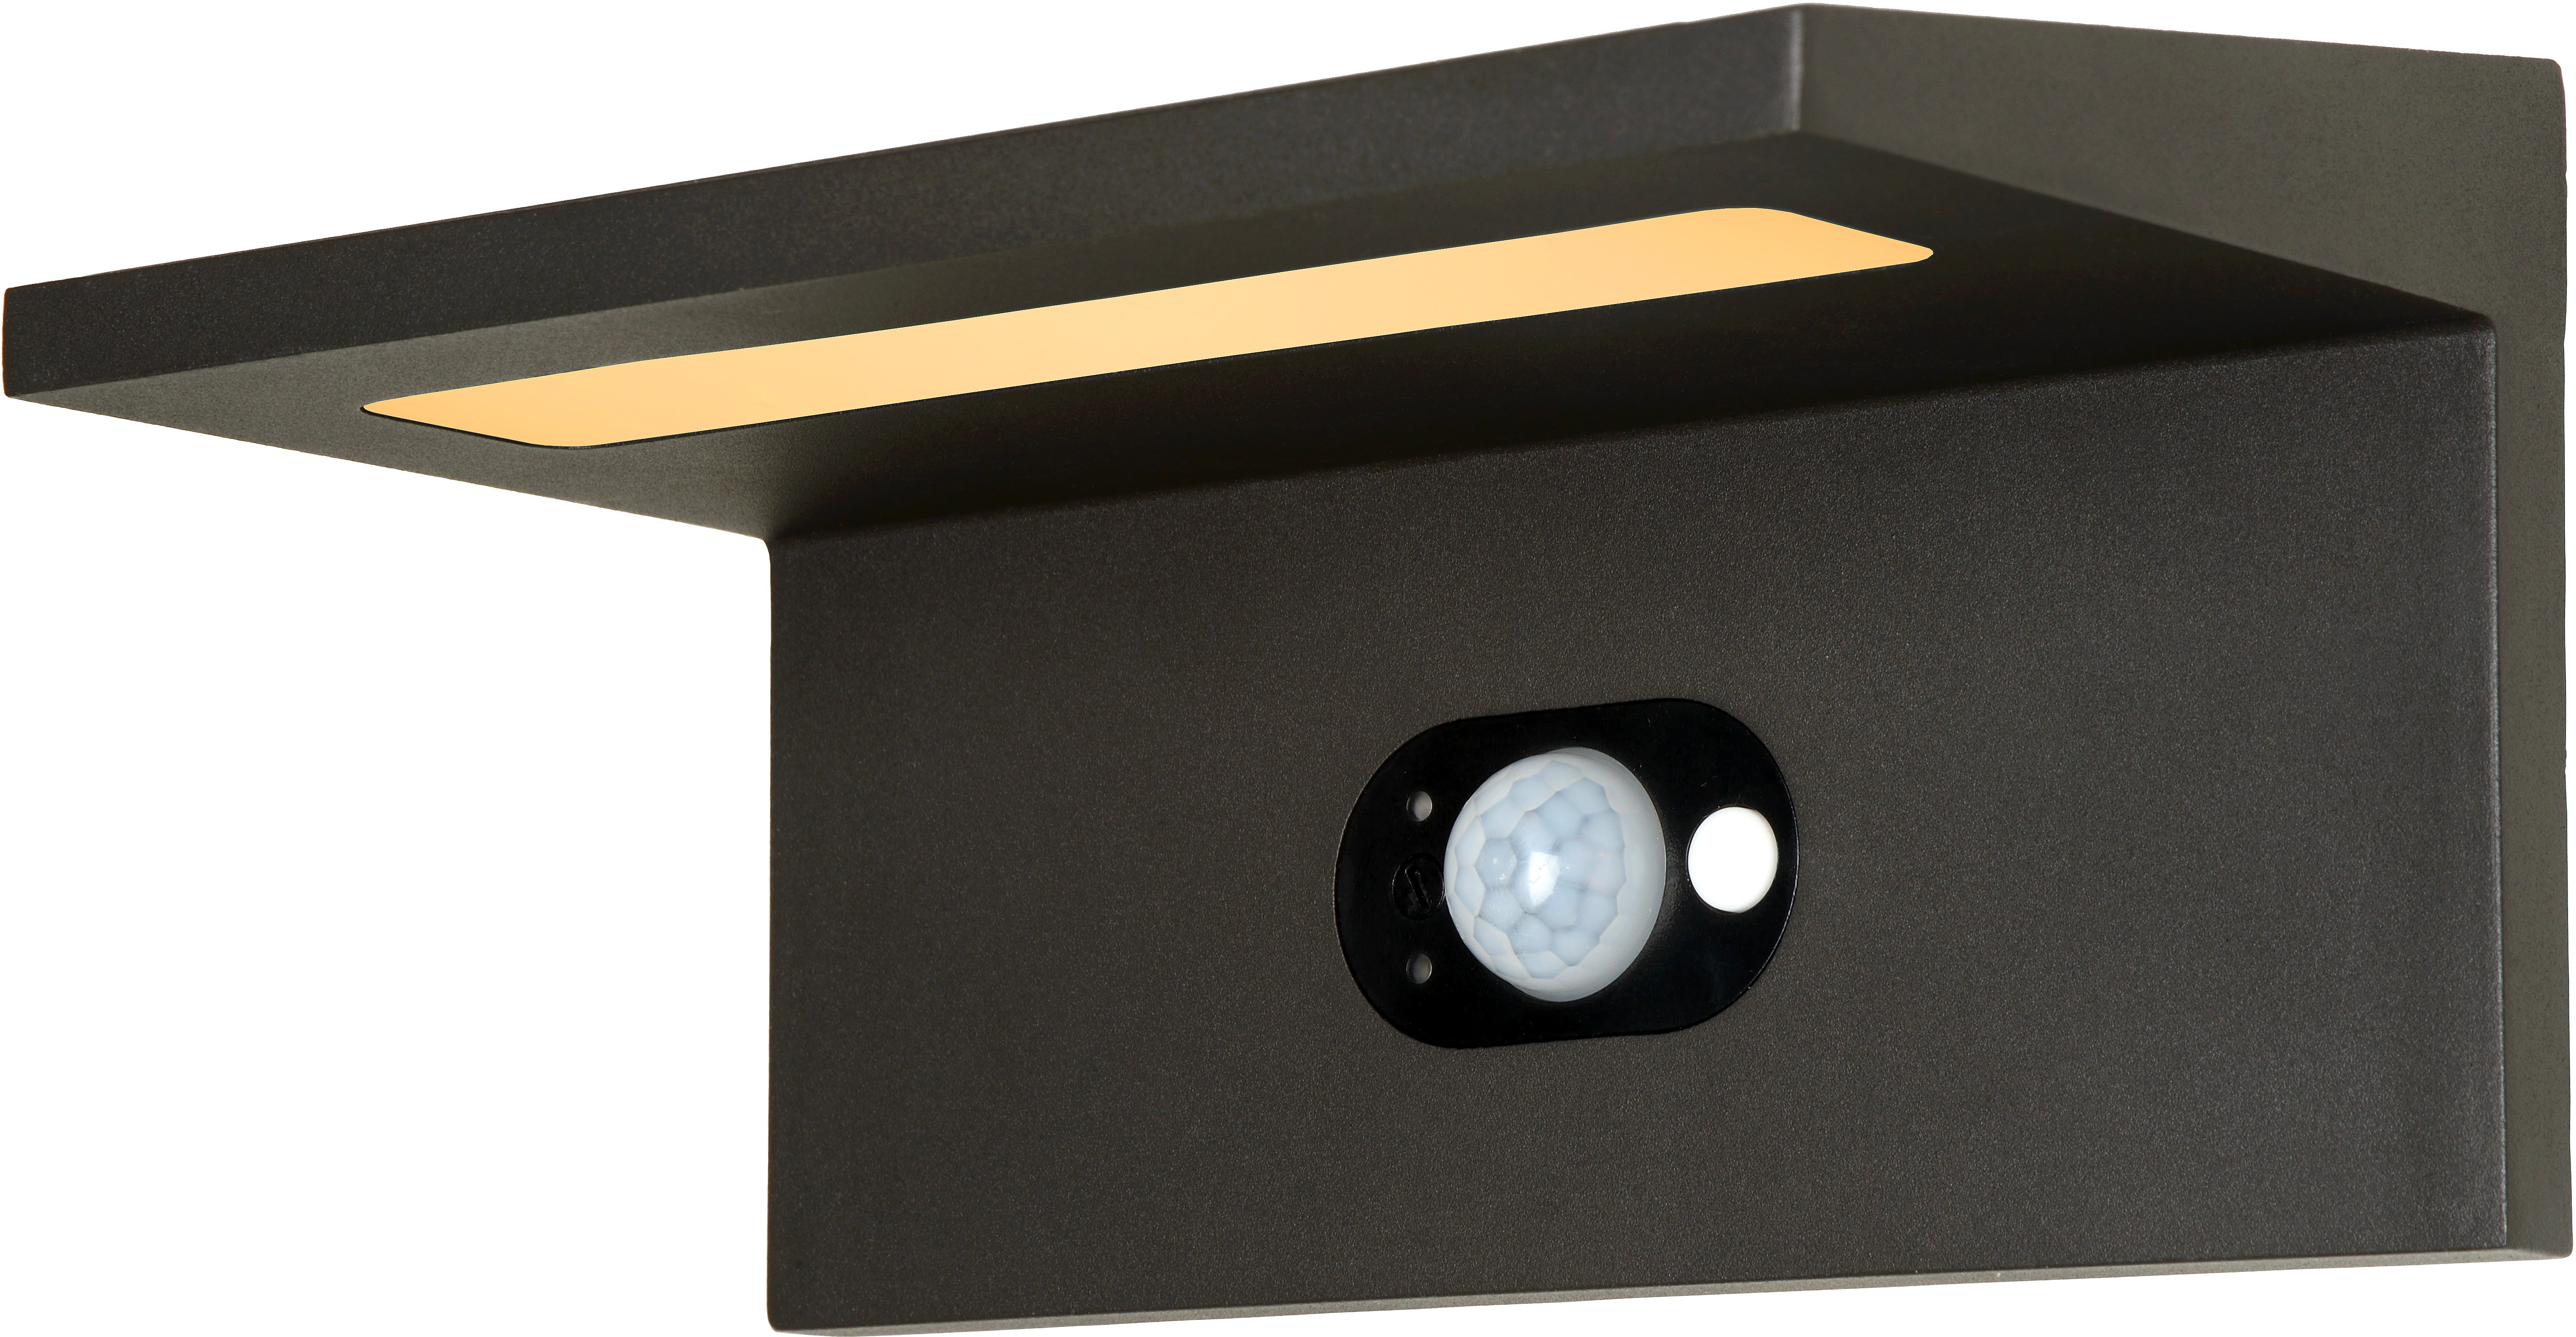 Applique solaire moderne d extérieur aluminium noir led kassy